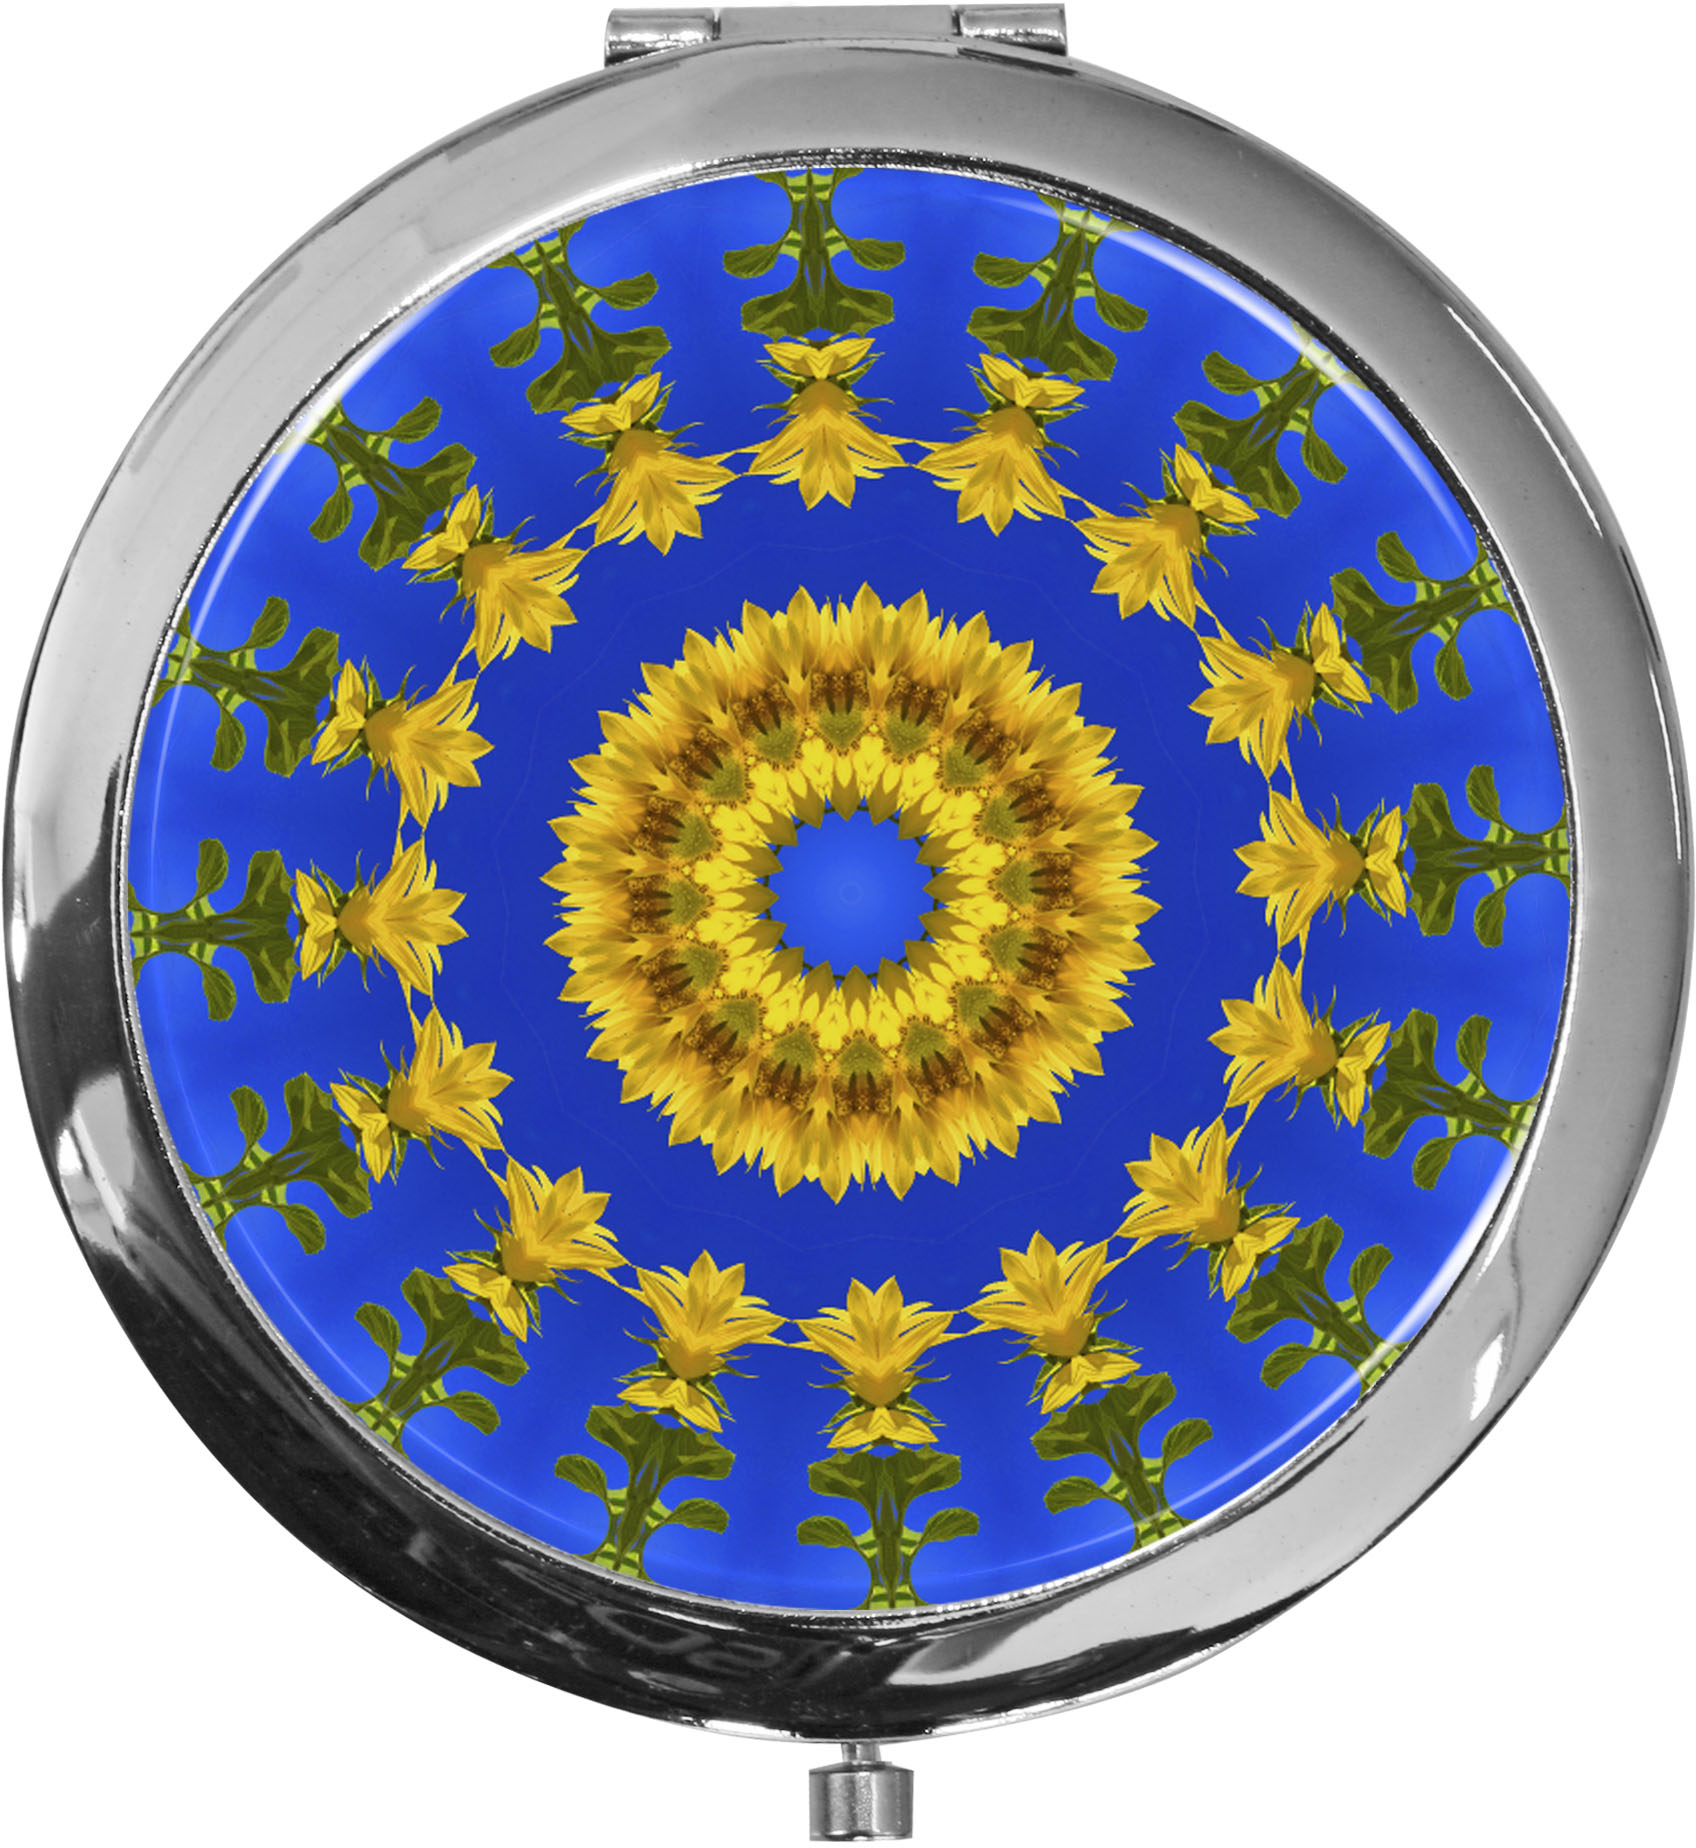 Taschenspiegel / Spiegel / Sonnenblumen / 2 fache Vergrößerung